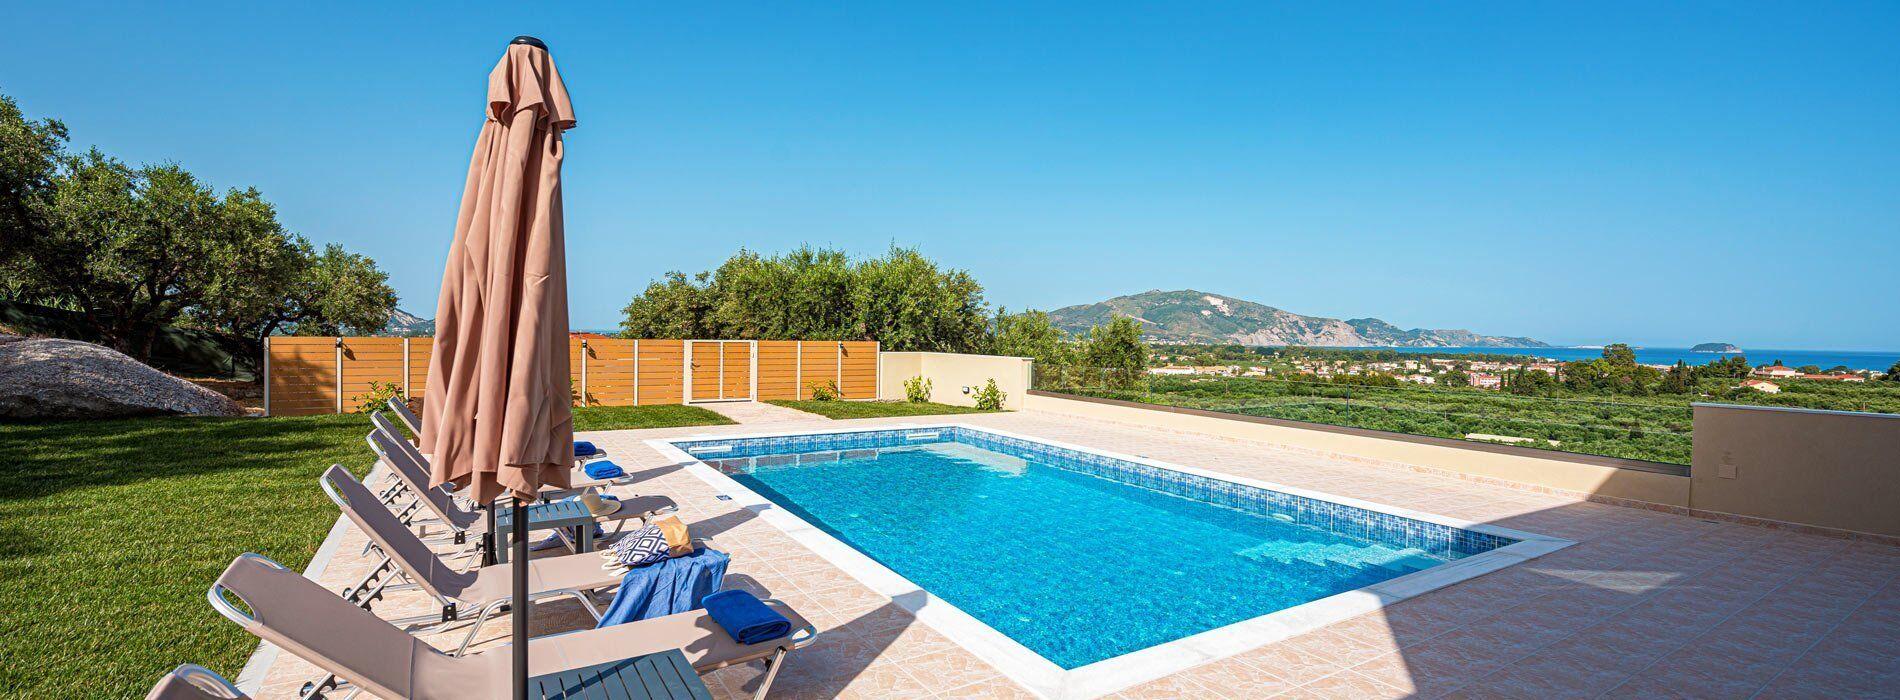 Villa Hilla Laganas Greece